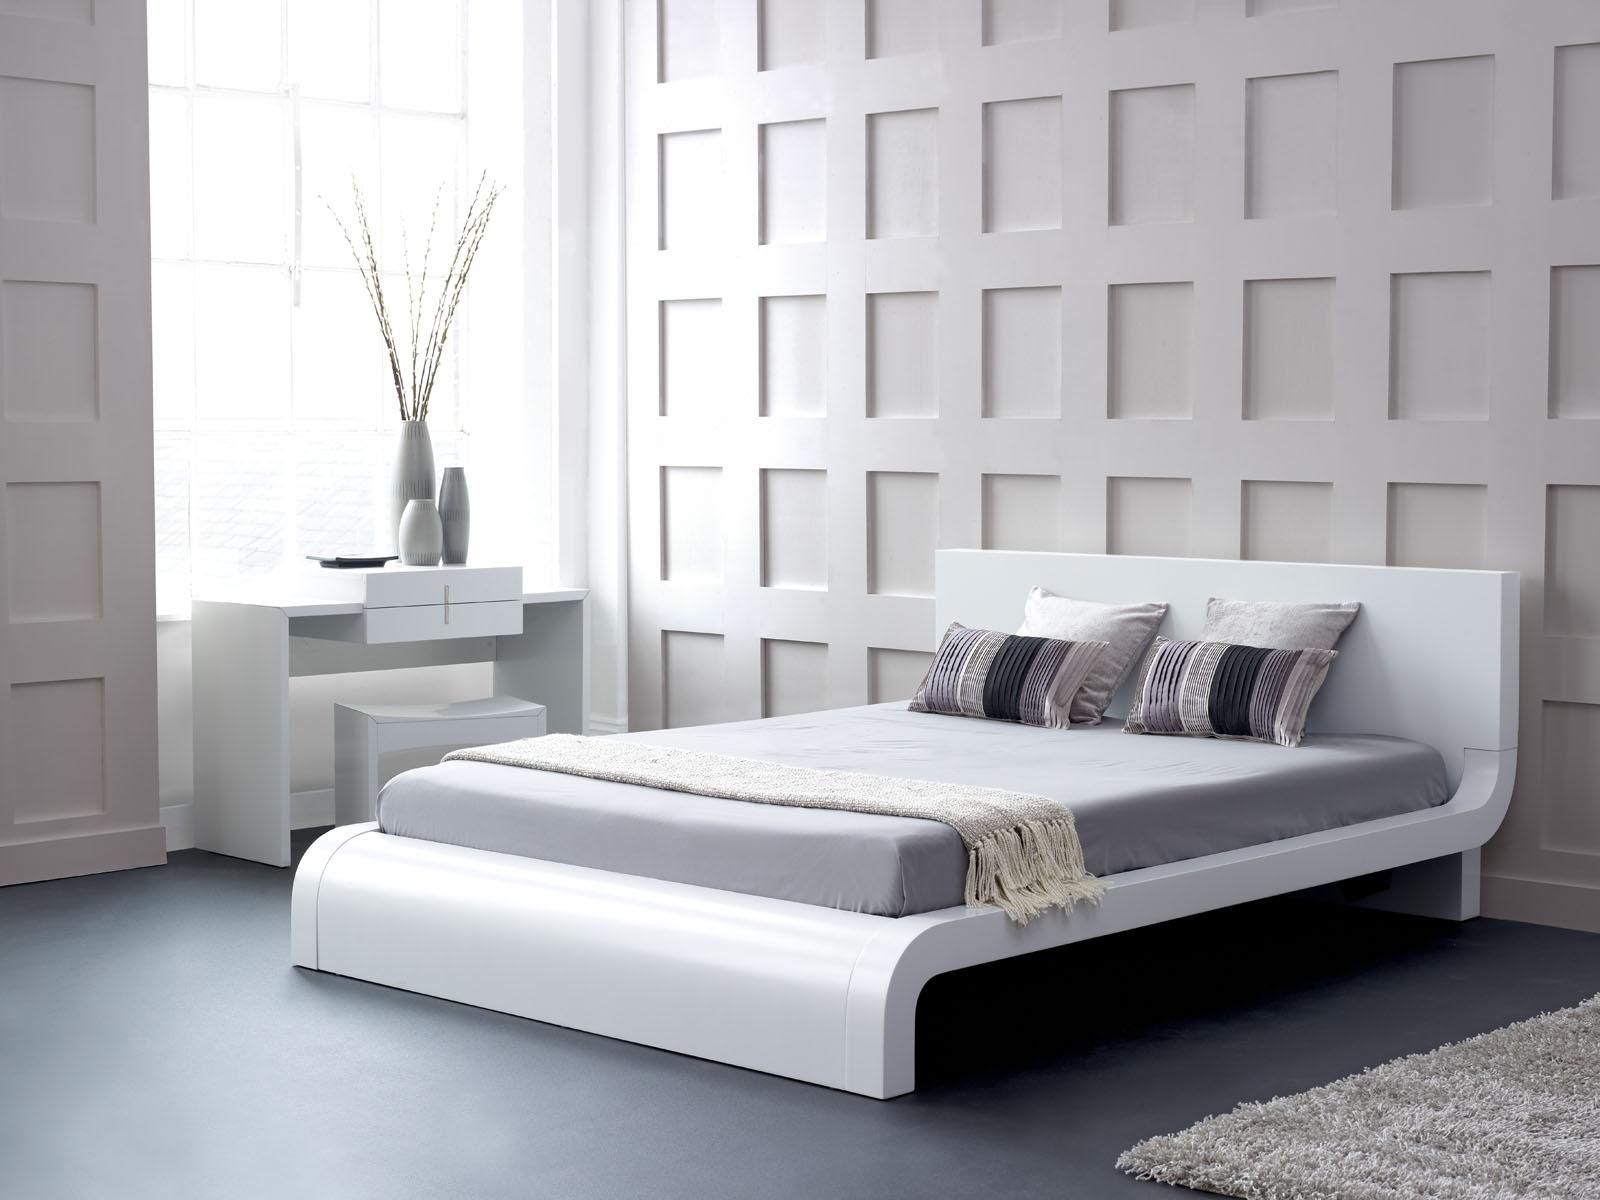 Белая кровать в футуристическом стиле